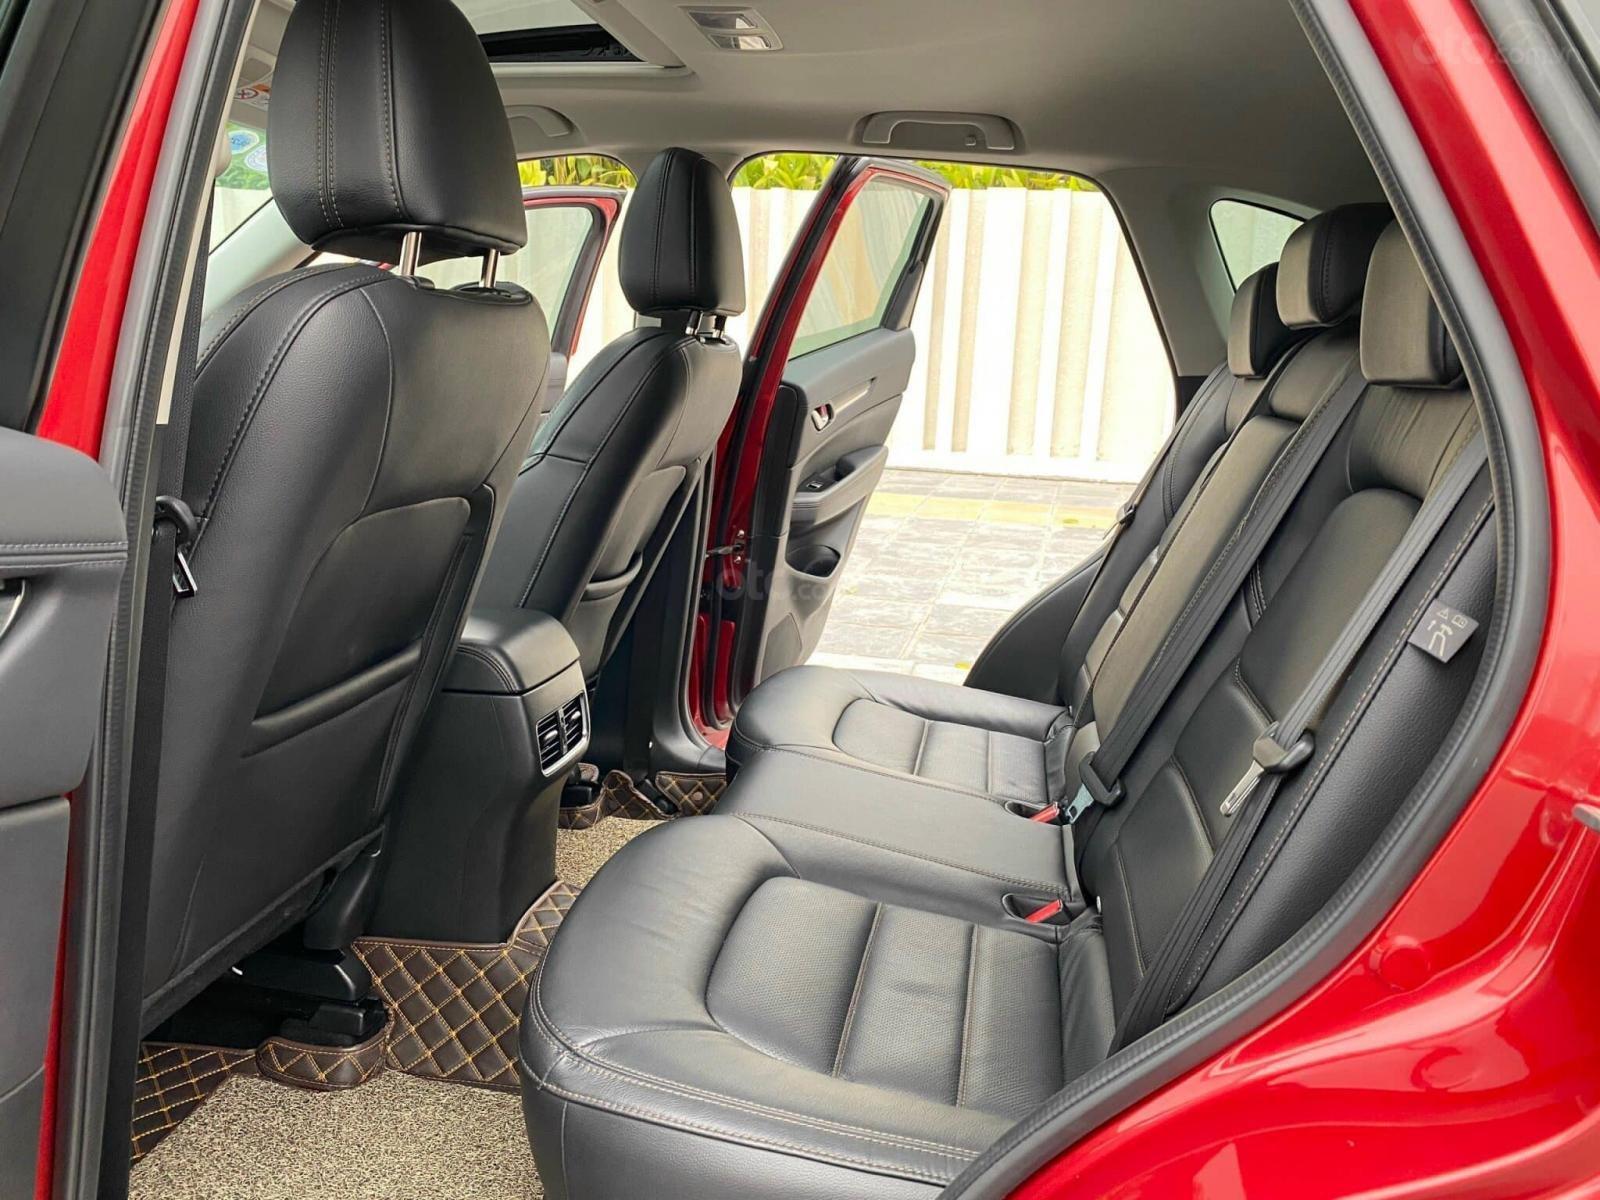 Bán Mazda CX5 2.5L sản xuất 2019 màu đỏ pha lê. Đi 46000km siêu lướt, còn nguyên mùi xe mới, giá tốt (9)